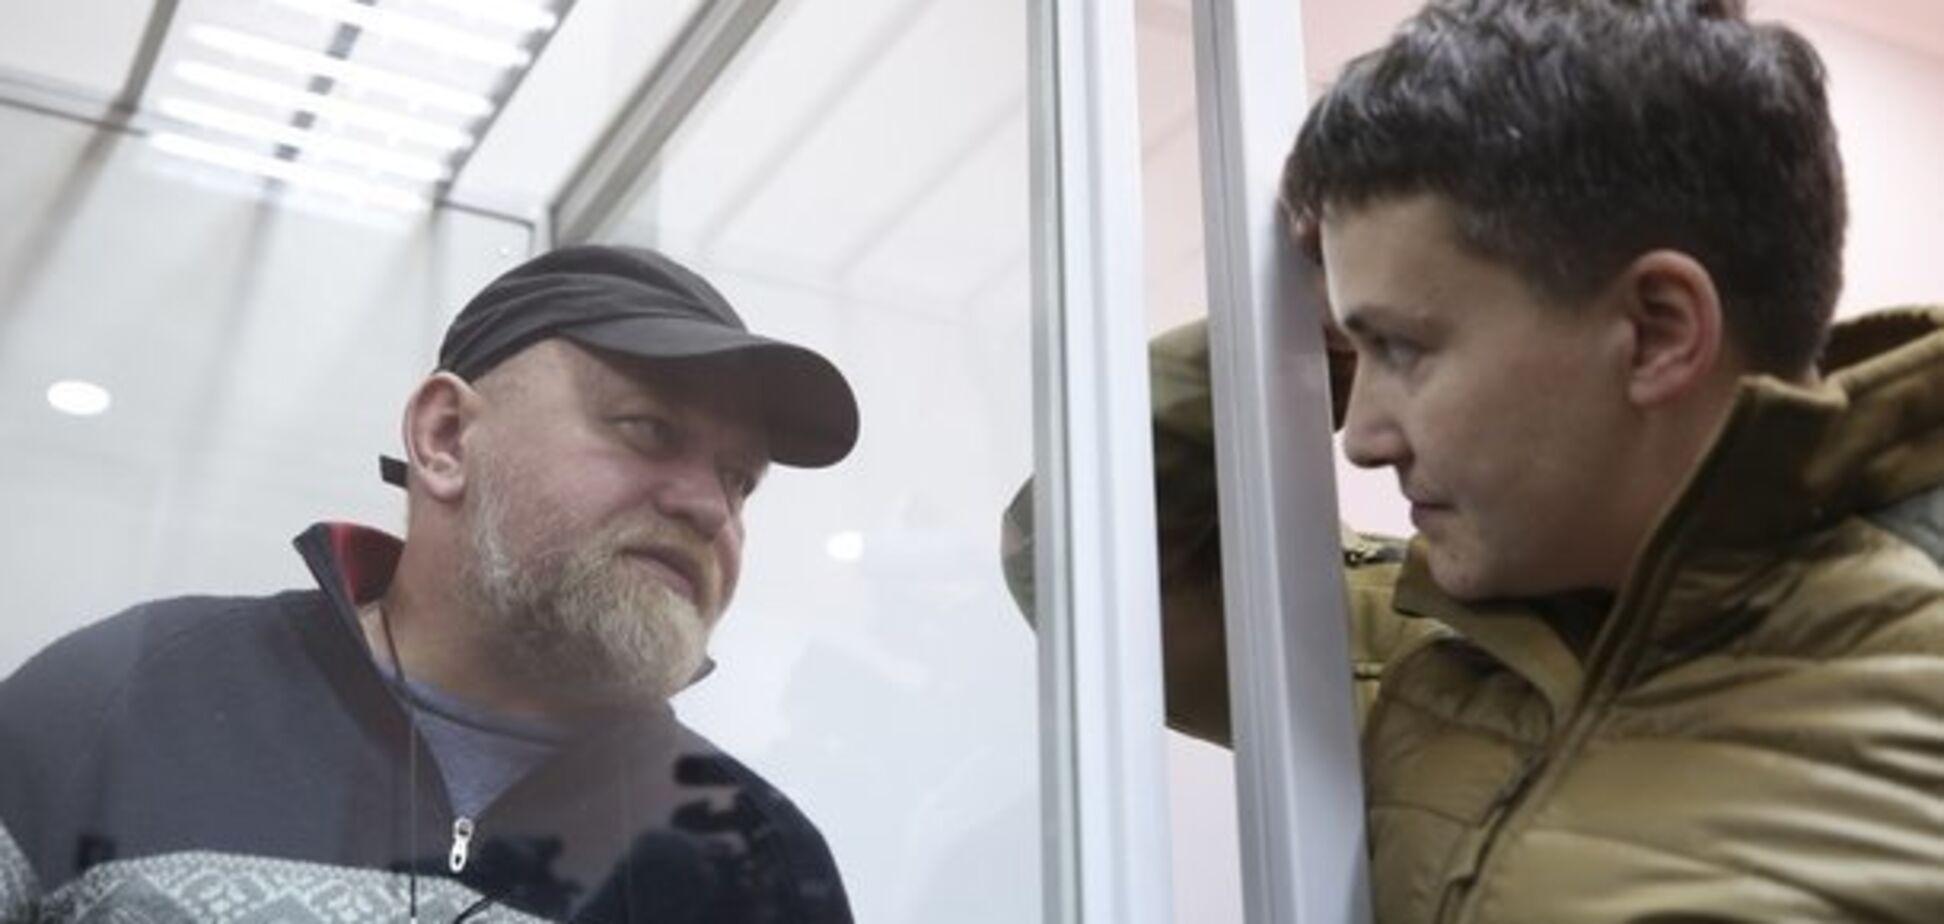 Спроба державного перевороту: у Савченко та Рубана висловилися про організатора